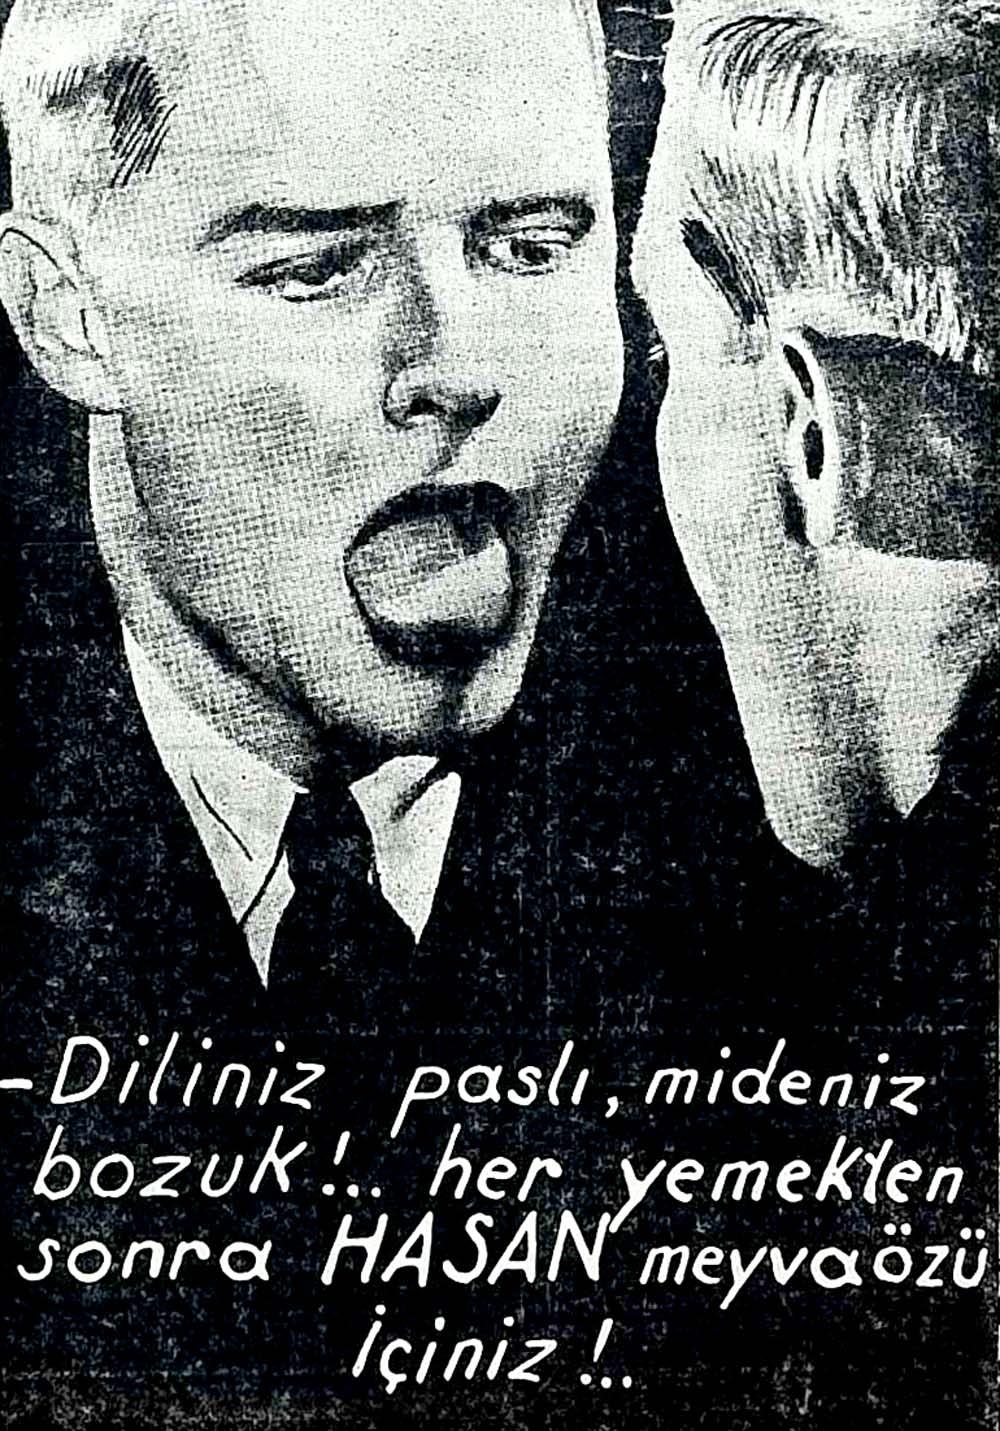 Diliniz paslı, mideniz bozuk!..